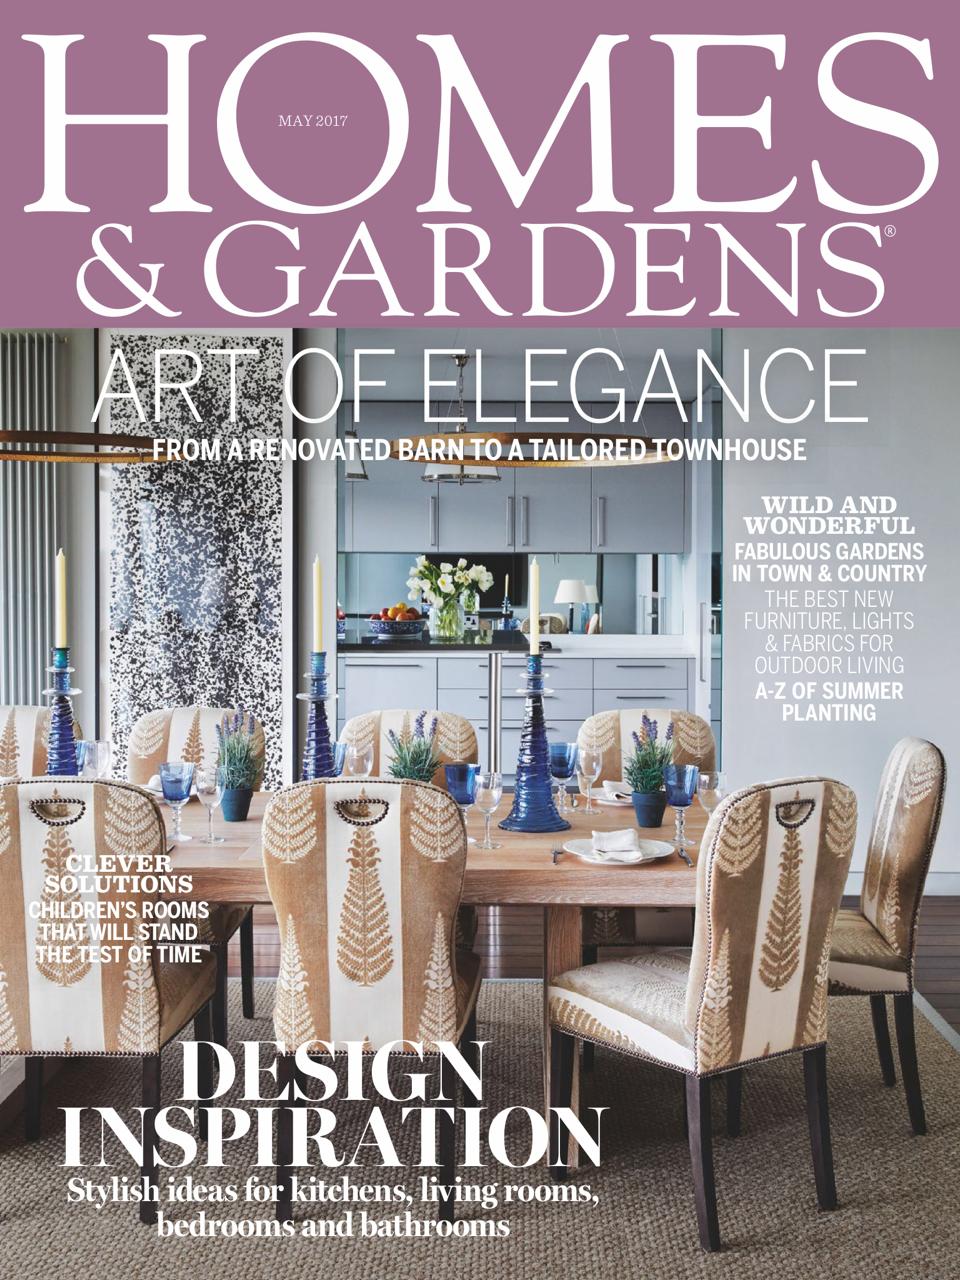 Homes & Gardens - May 2017